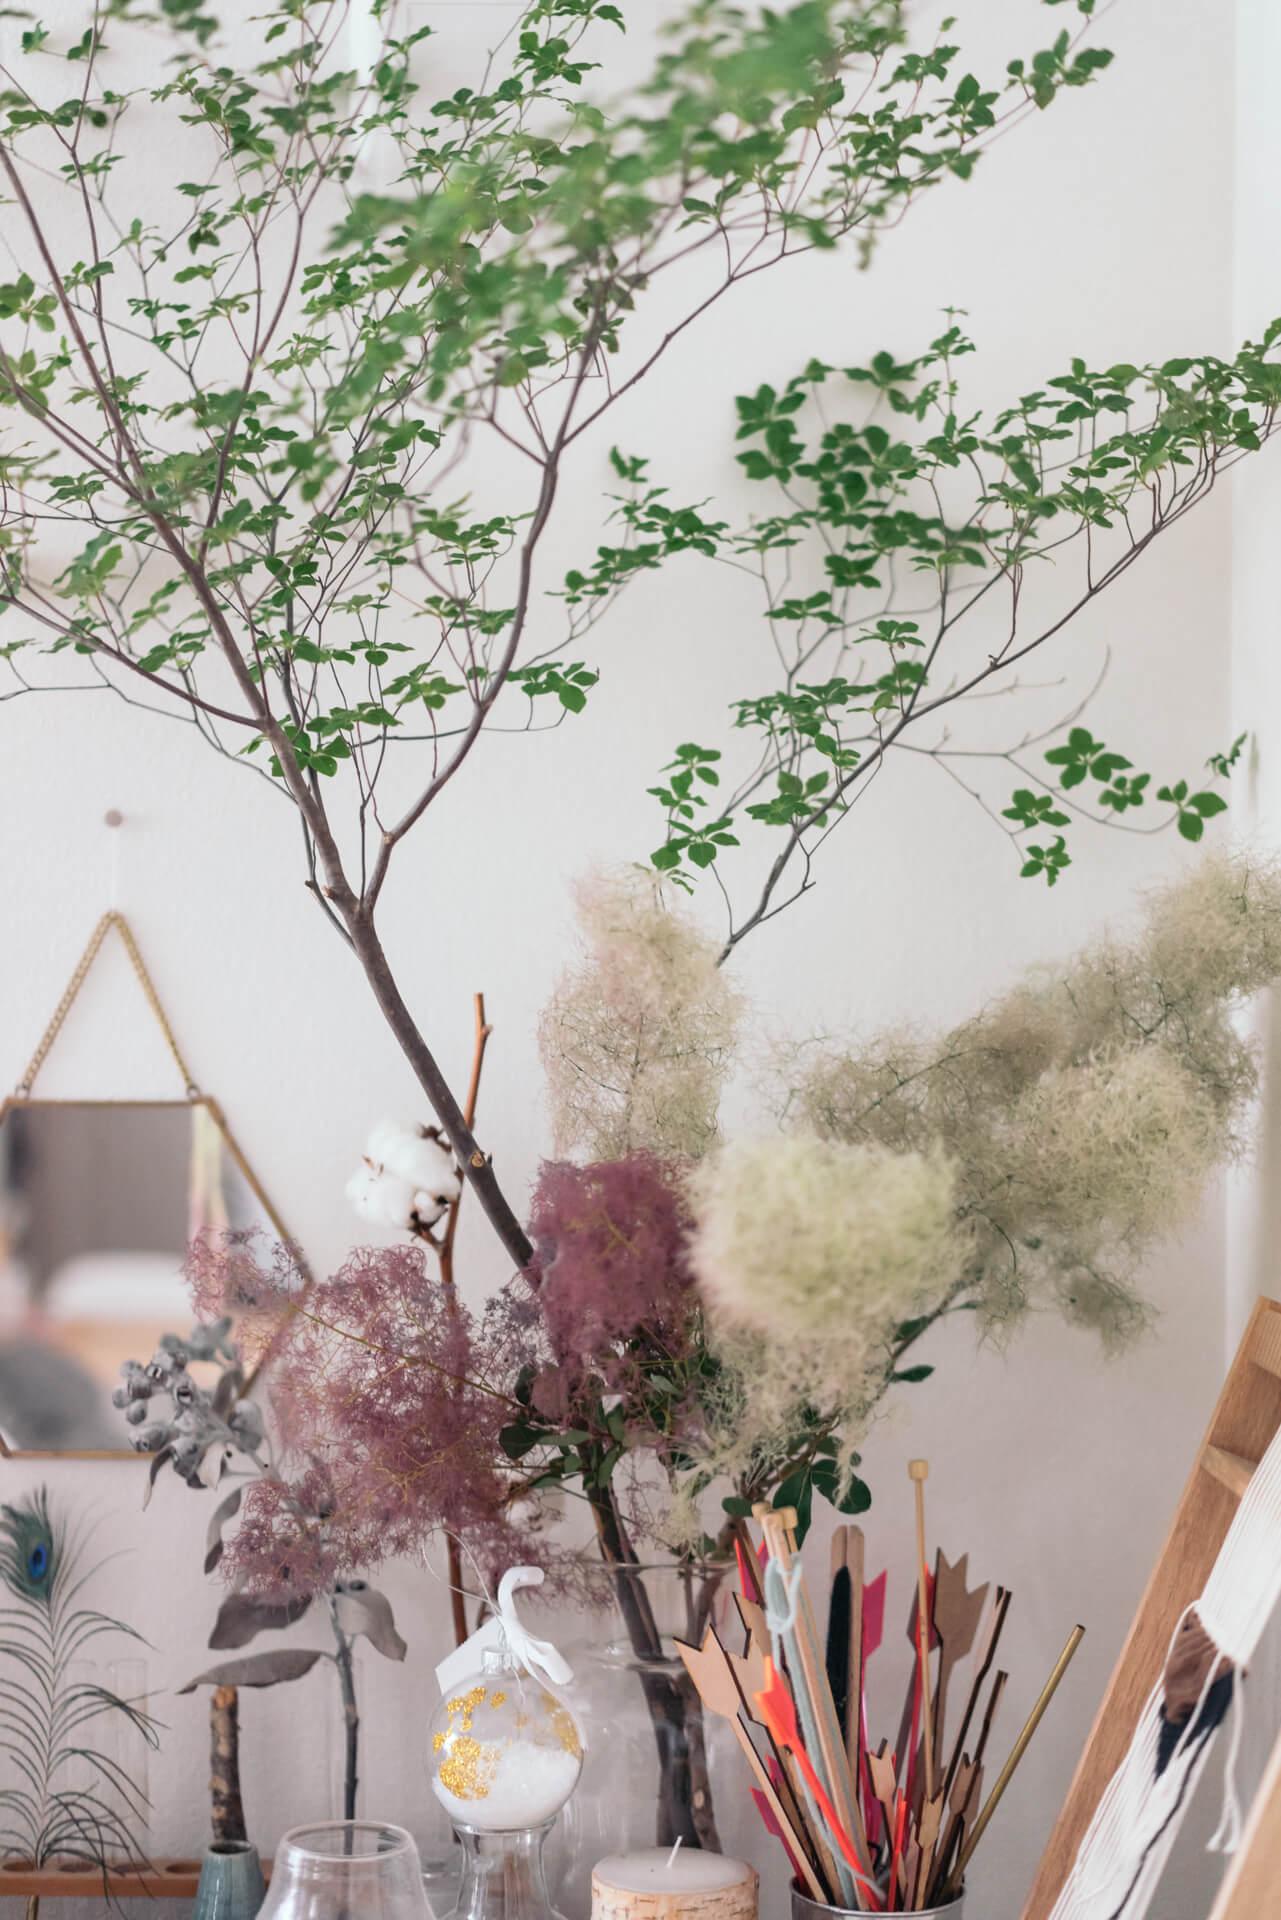 ドウダンツツジは春から夏頃にかけて出回る、定番の枝物。花びらのように開く小さな葉が可愛らしく、瑞々しい緑色の新芽がとっても爽やか。庭木としても人気の植物です。